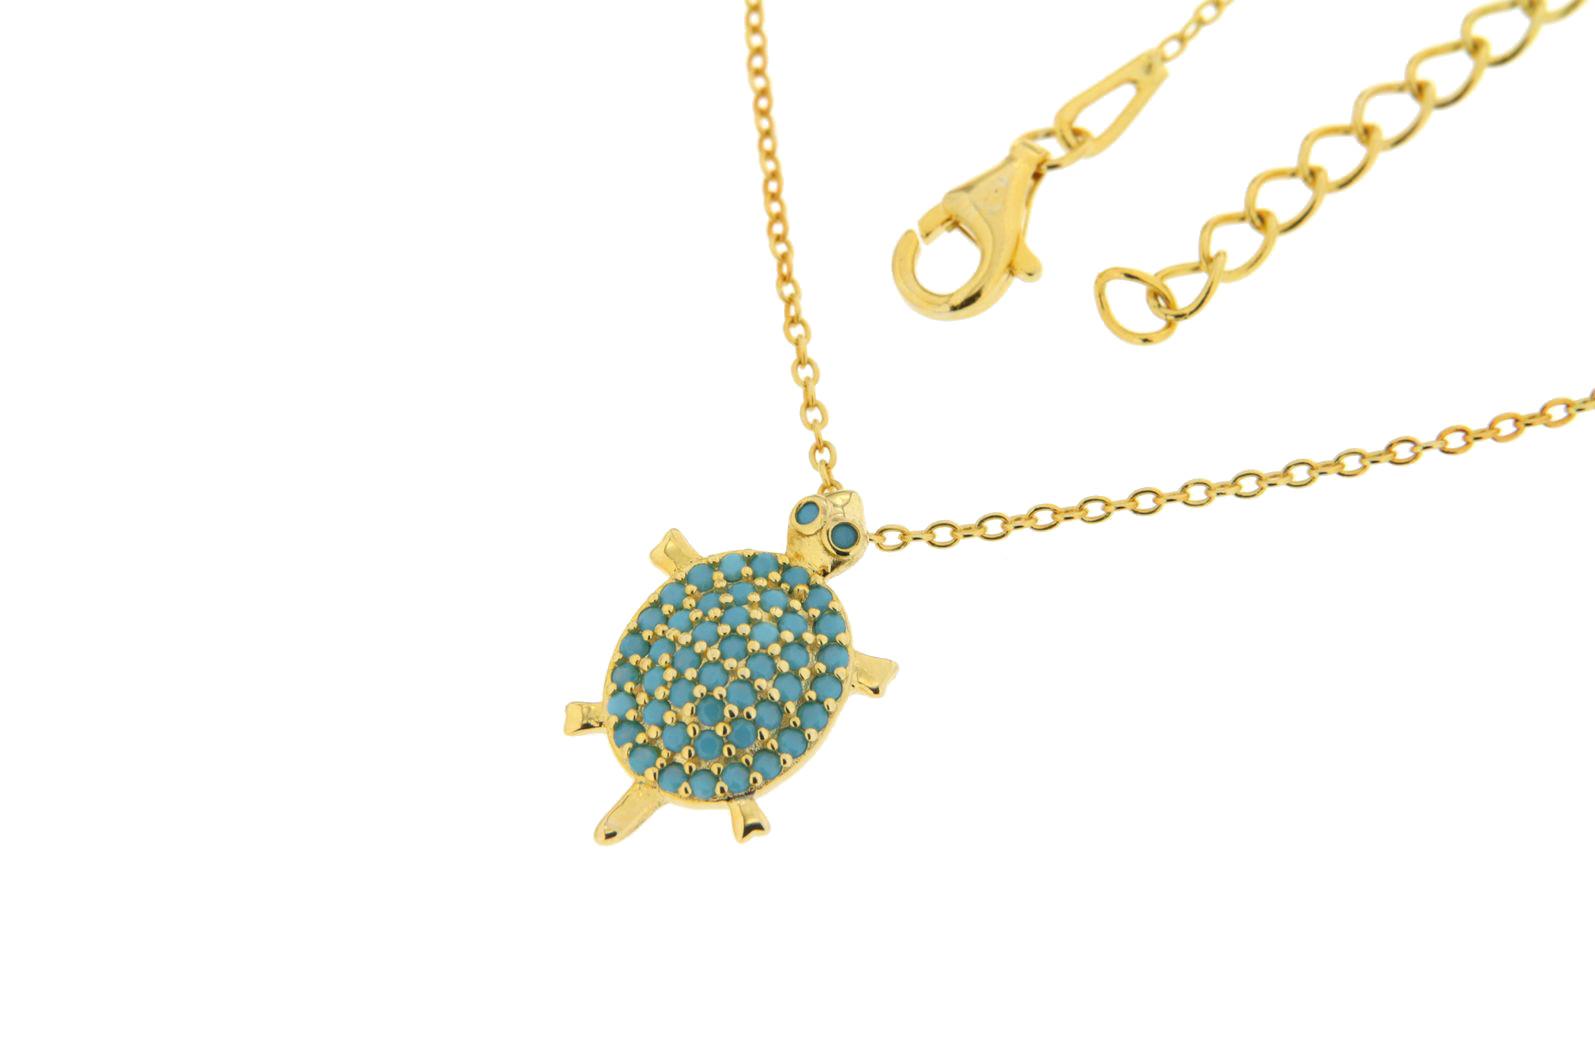 Halskette mit Anhänger Schildkröte